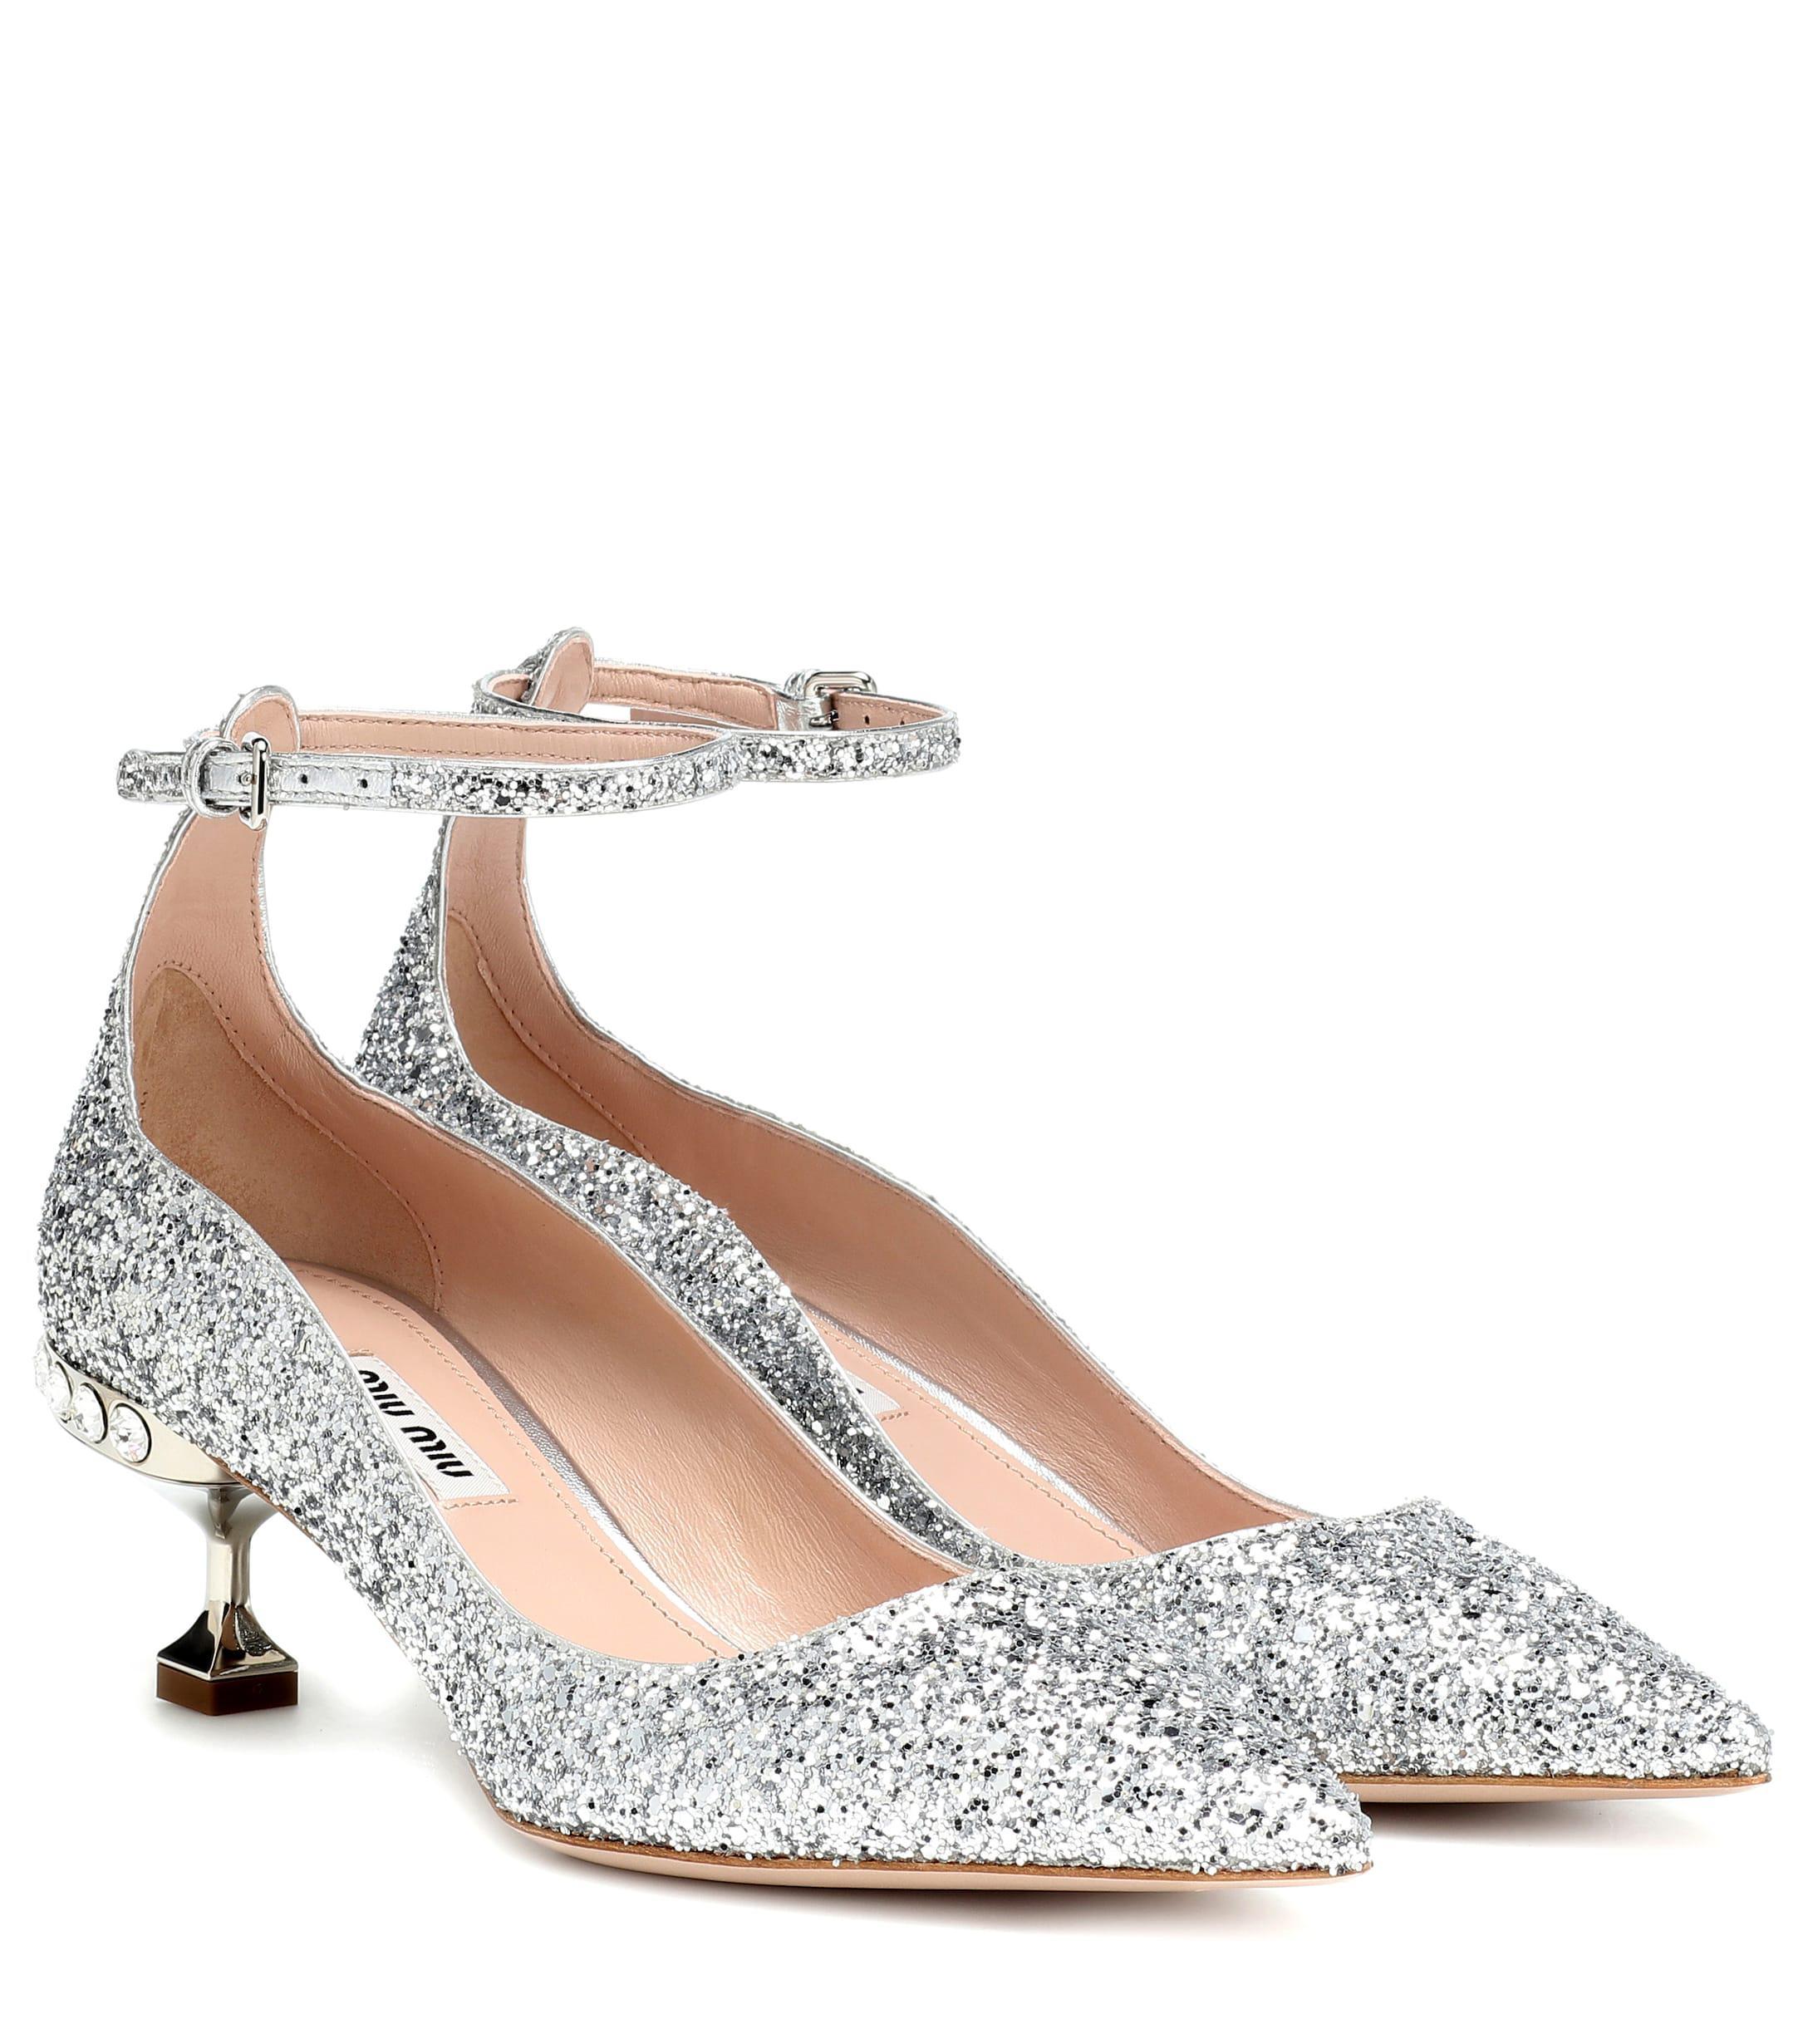 f1b21241a264 Miu Miu. Women s Glitter Kitten Heel Pumps.  790 From Mytheresa. Free  shipping ...